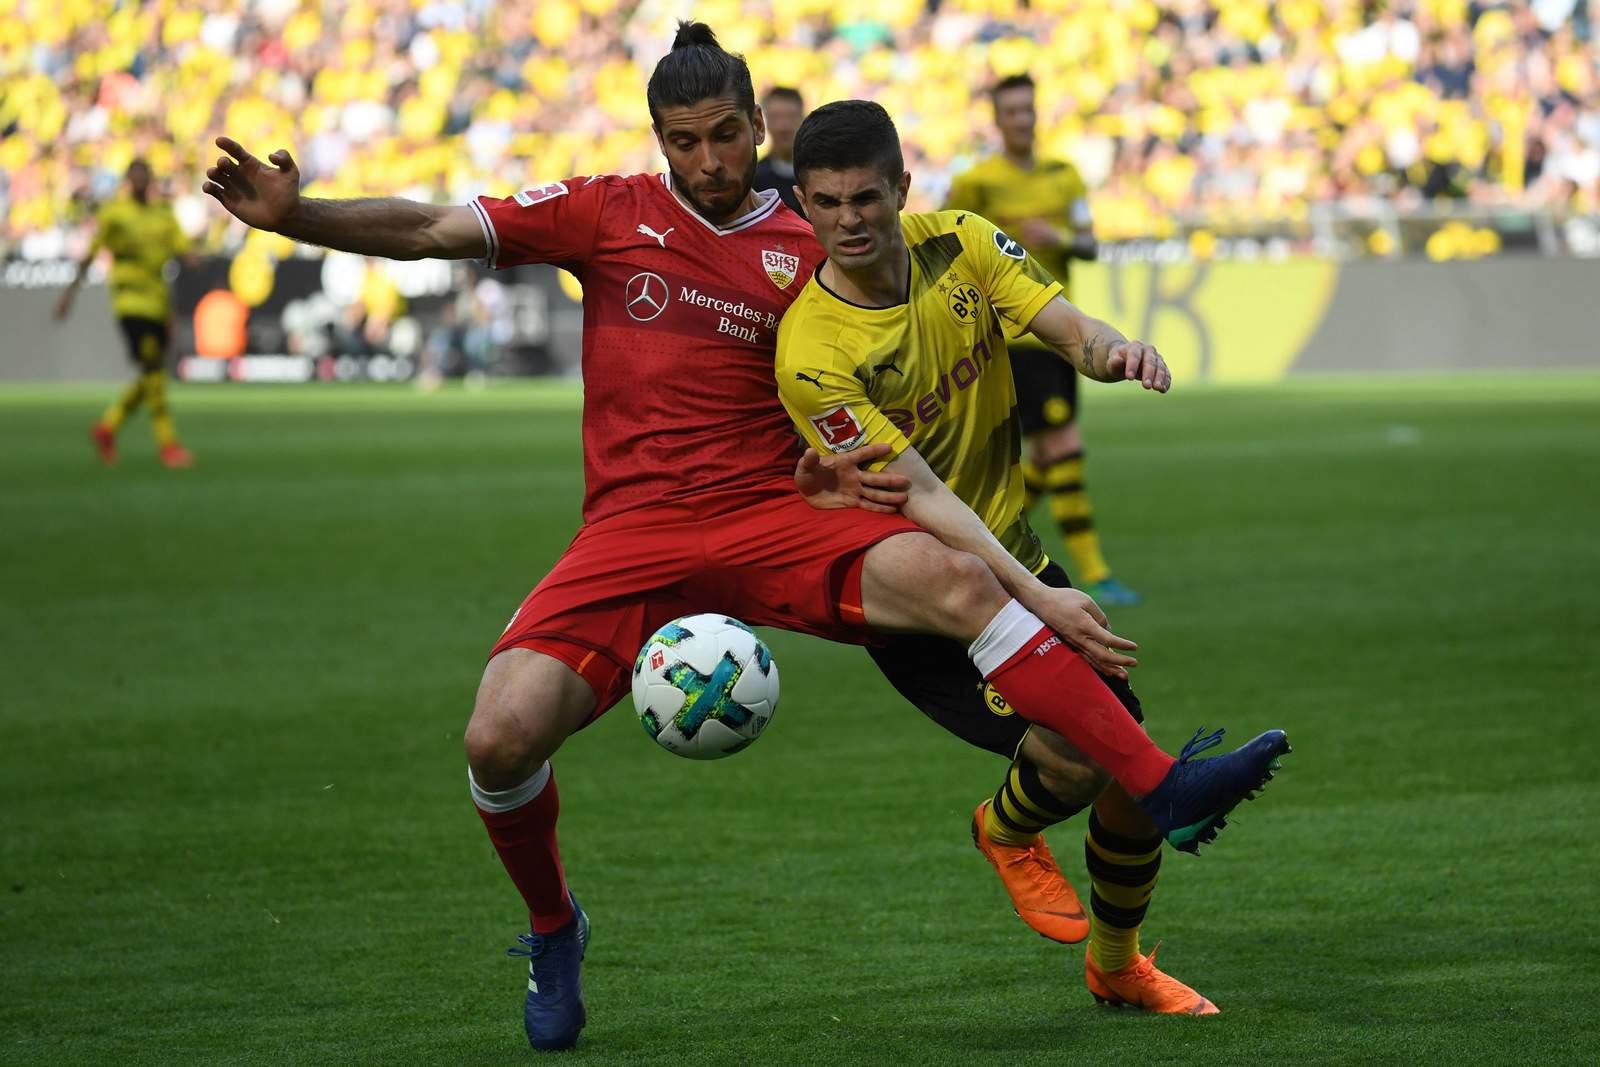 Kann sich Cristian Pulisic gegen Emiliano Insua durchsetzen? Jetzt auf Stuttgart gegen Dortmund wetten.